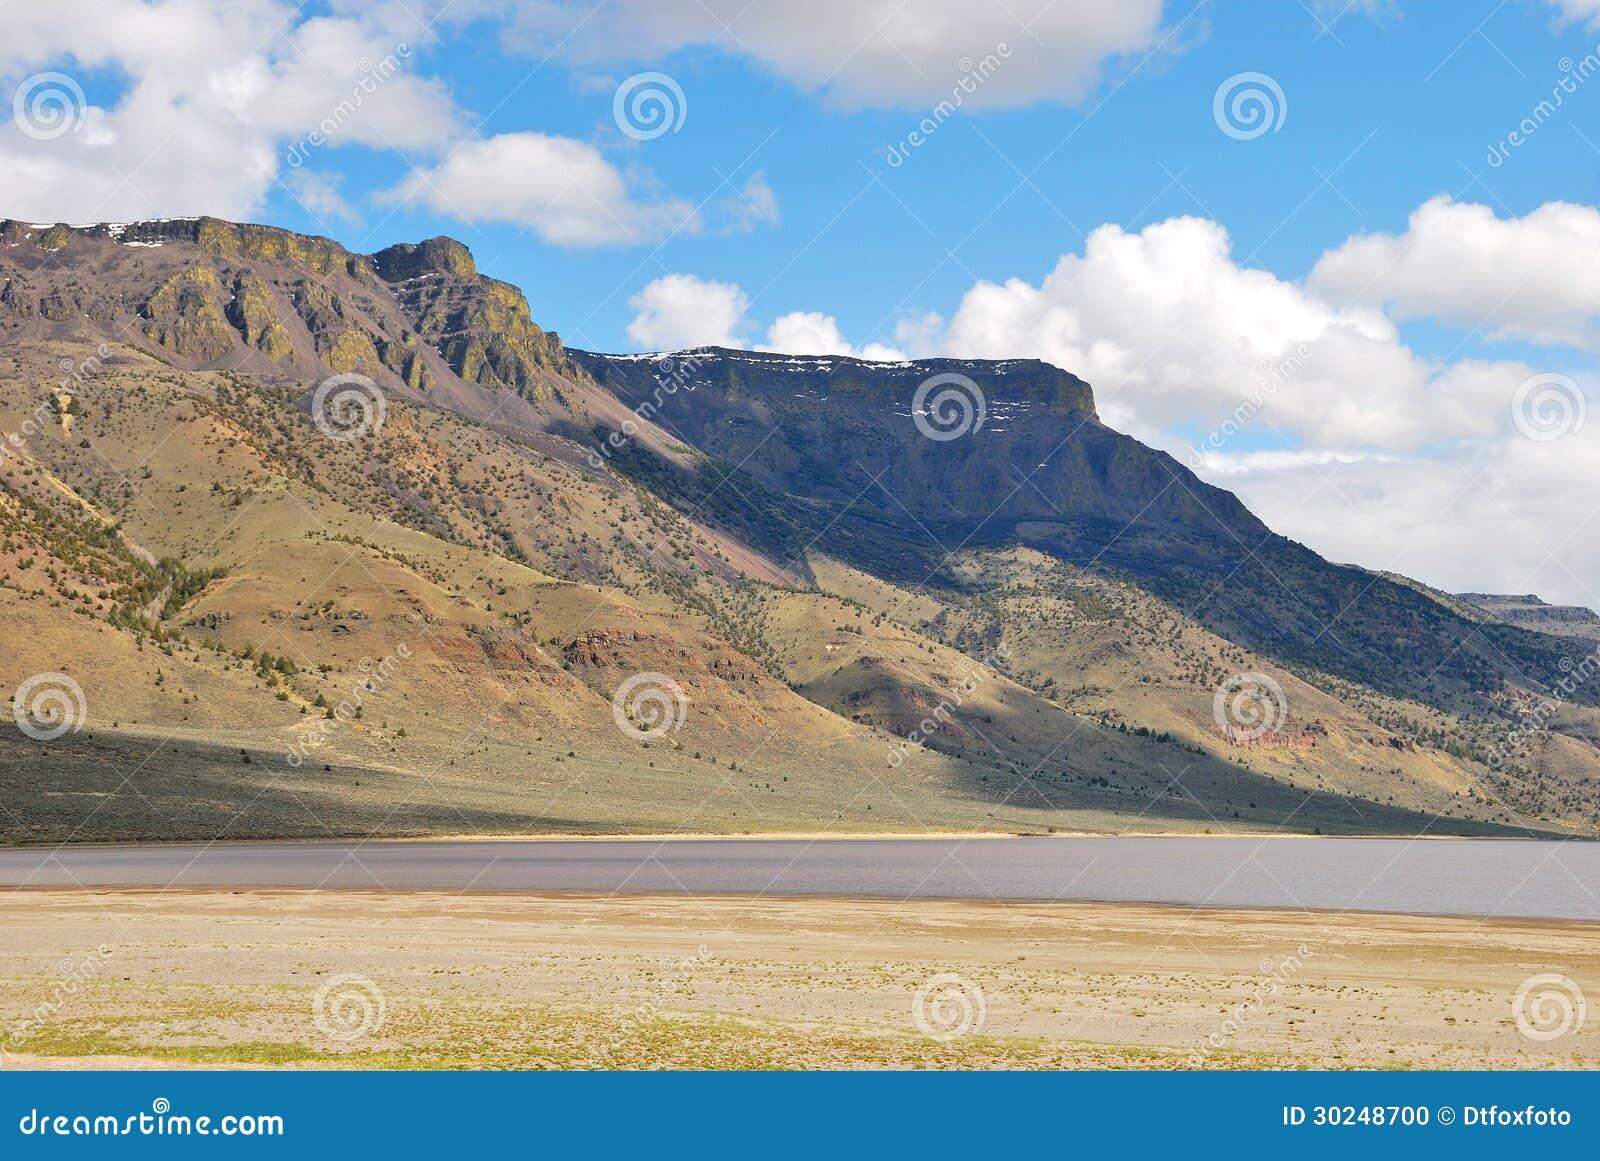 Jeleń góra